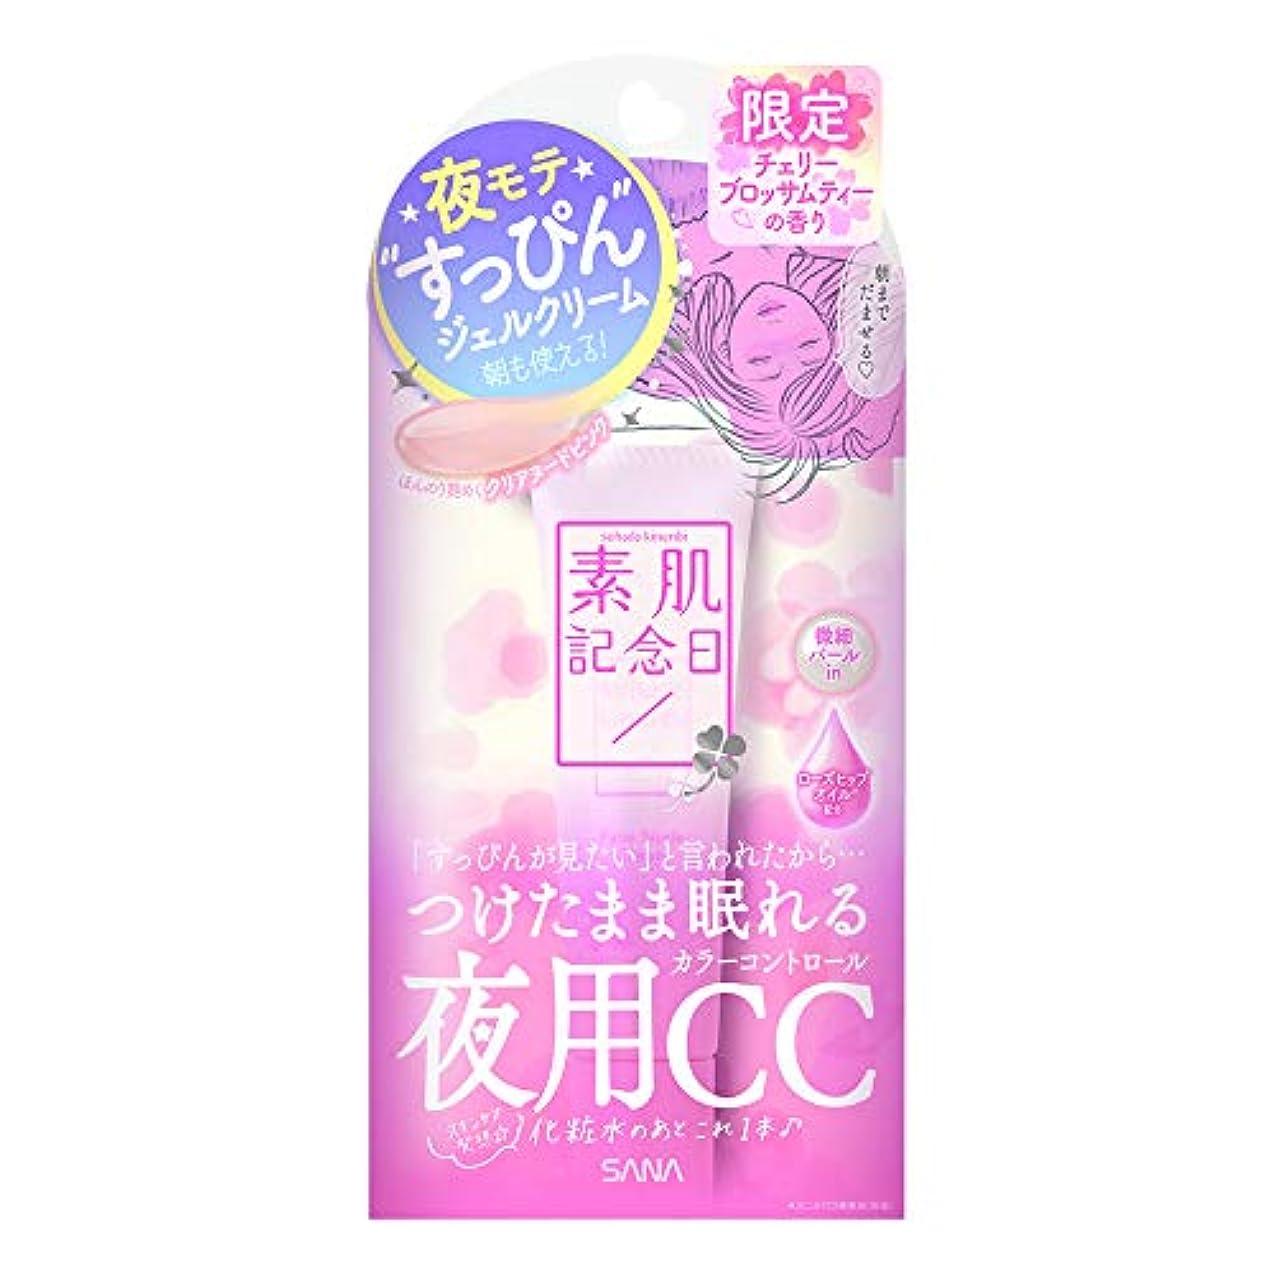 廃棄カリングワゴン素肌記念日 フェイクヌードクリーム ヌードピンク チェリーブロッサムティの香り 30g